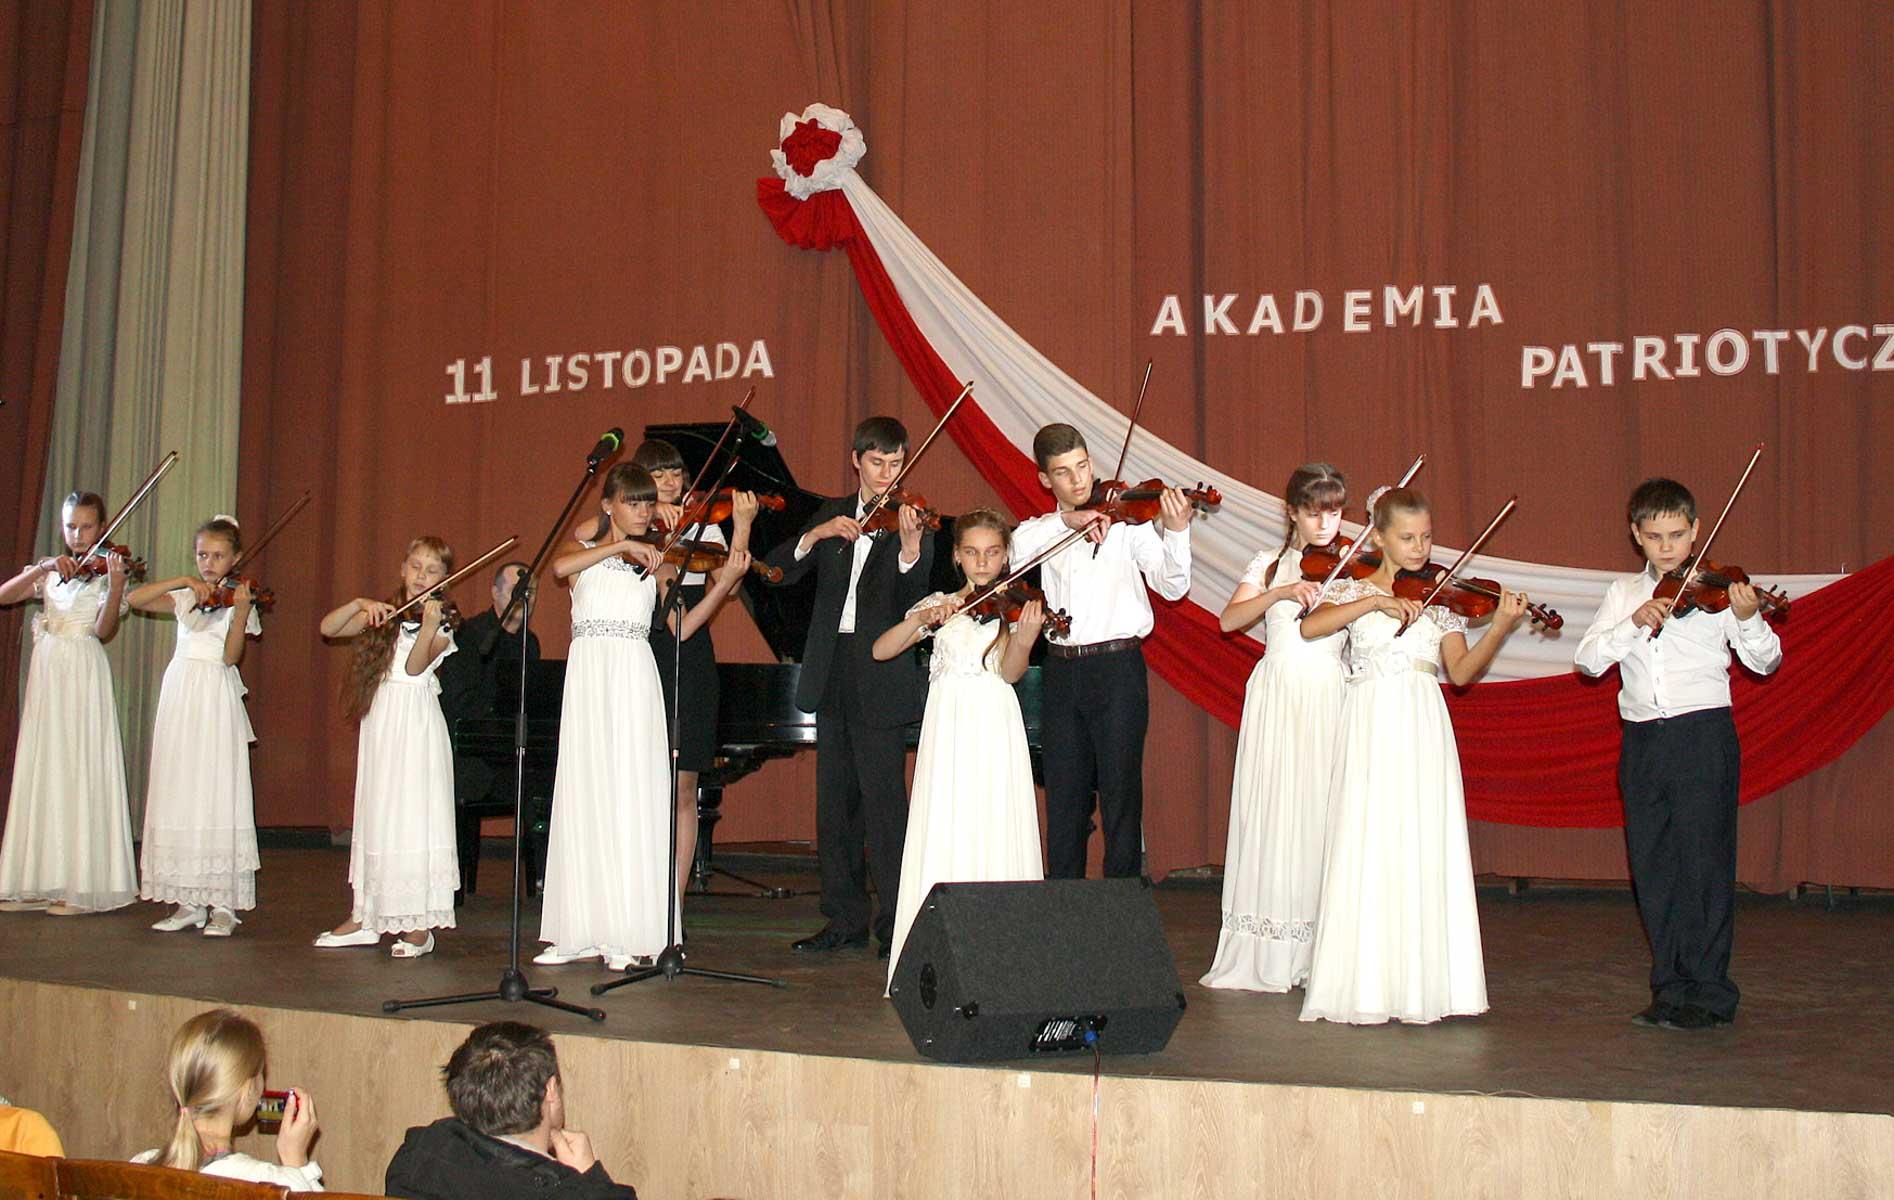 Zespół instrumentalny ze Związku Polaków Makarowa zadziwili widzów wysokim profesjonalizmem wykonując kompozycję klasycznych walców